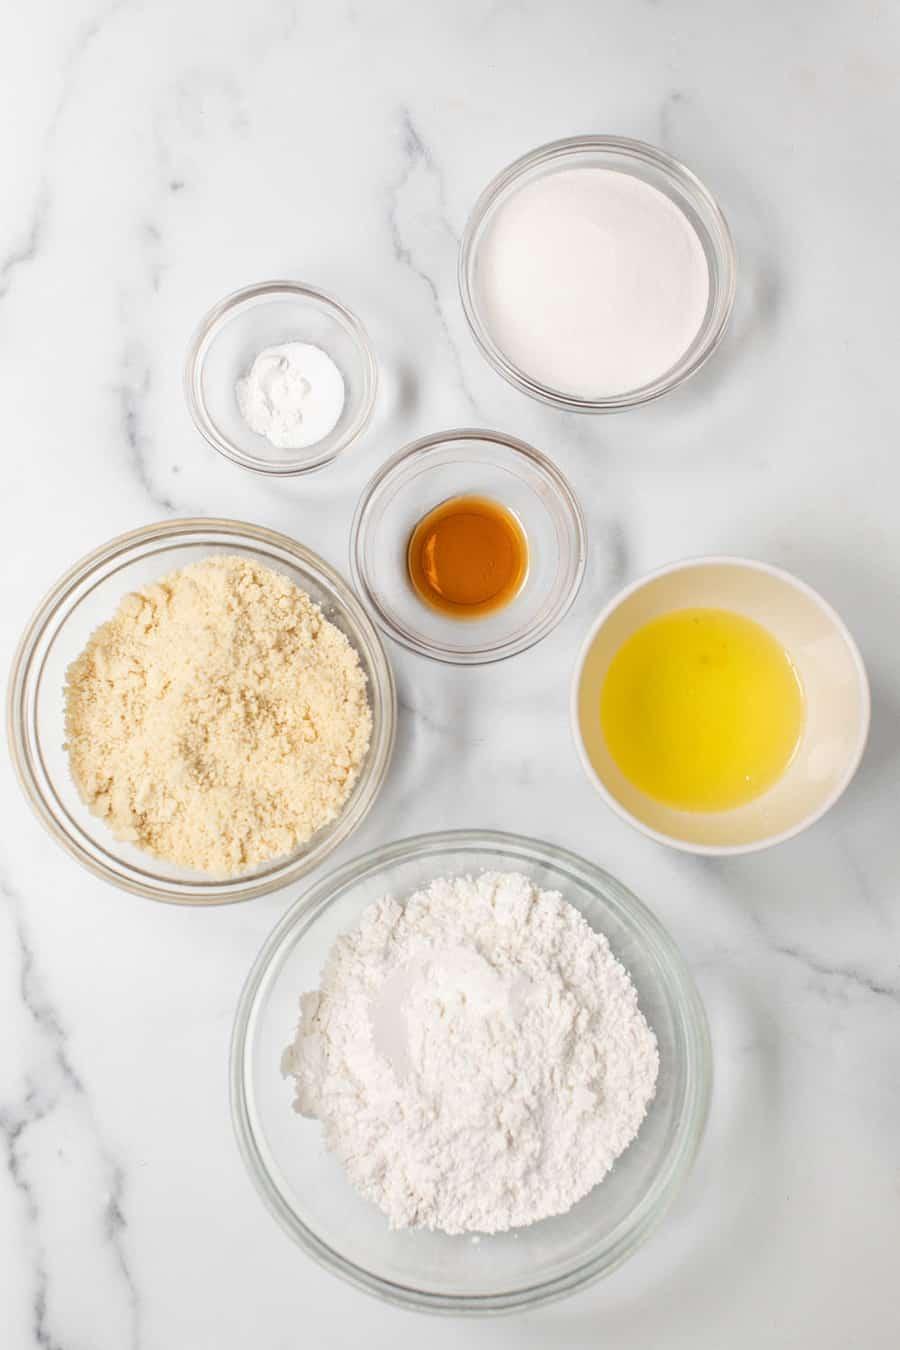 Ingredients to make macarons